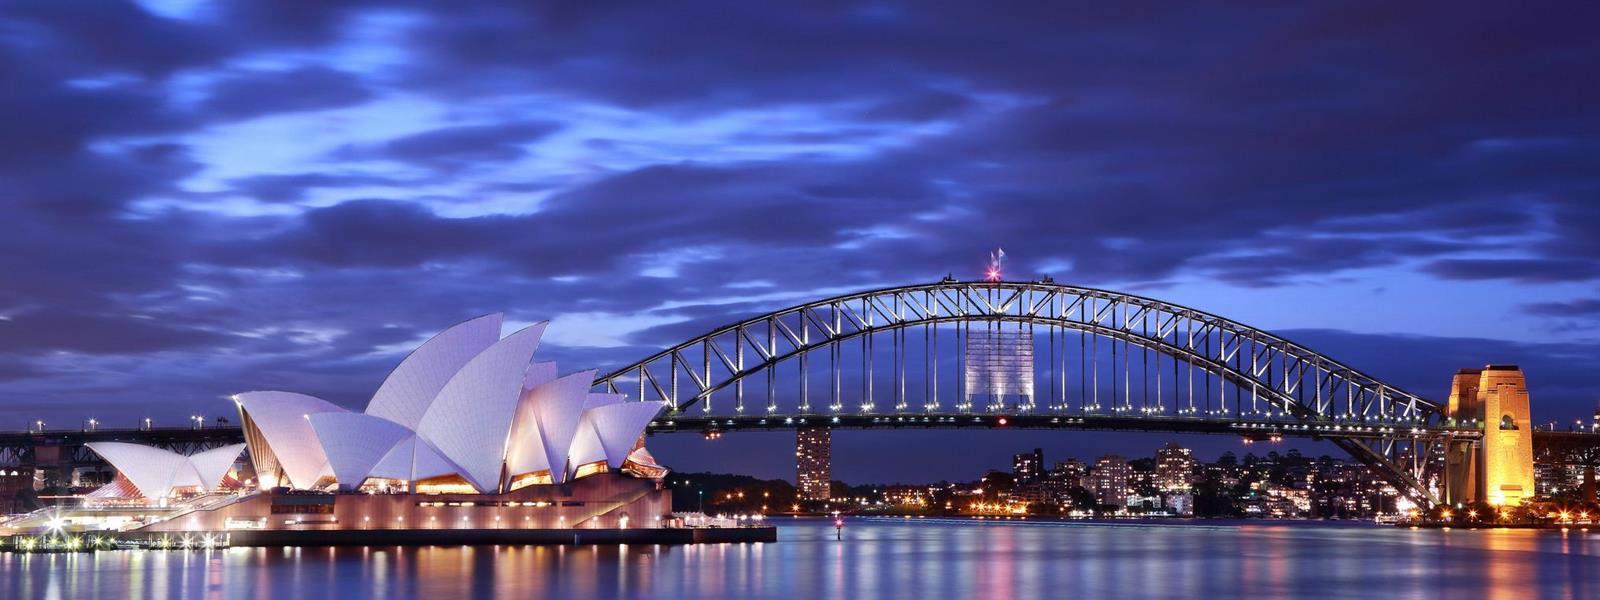 Phỏng vấn Visa Úc có bắt buộc không? Và 7749 câu hỏi khác (2021)